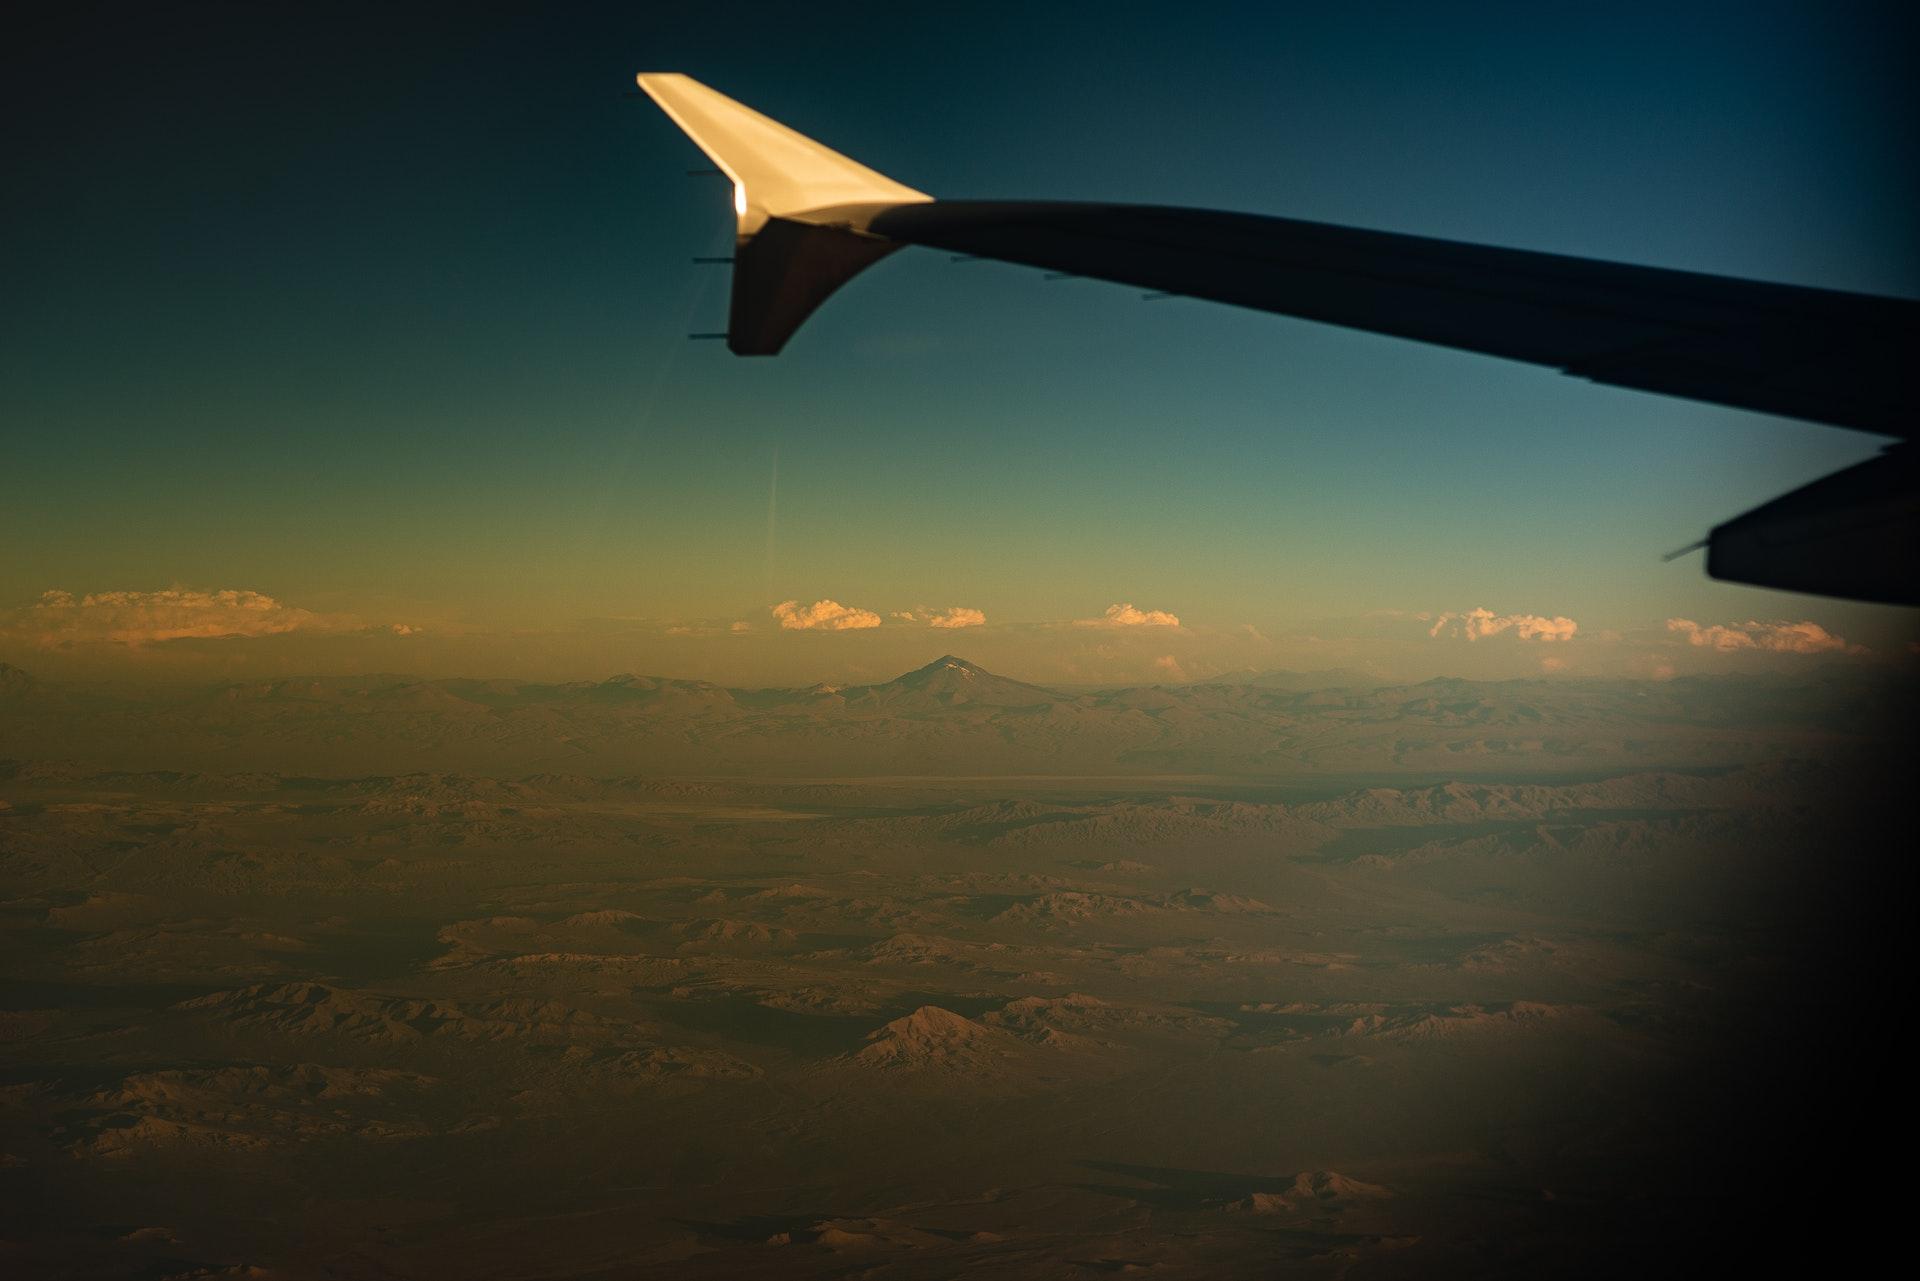 Vemos parte da asa de um avião no céu (imagem ilustrativa). Texto: franquia accorhotels.